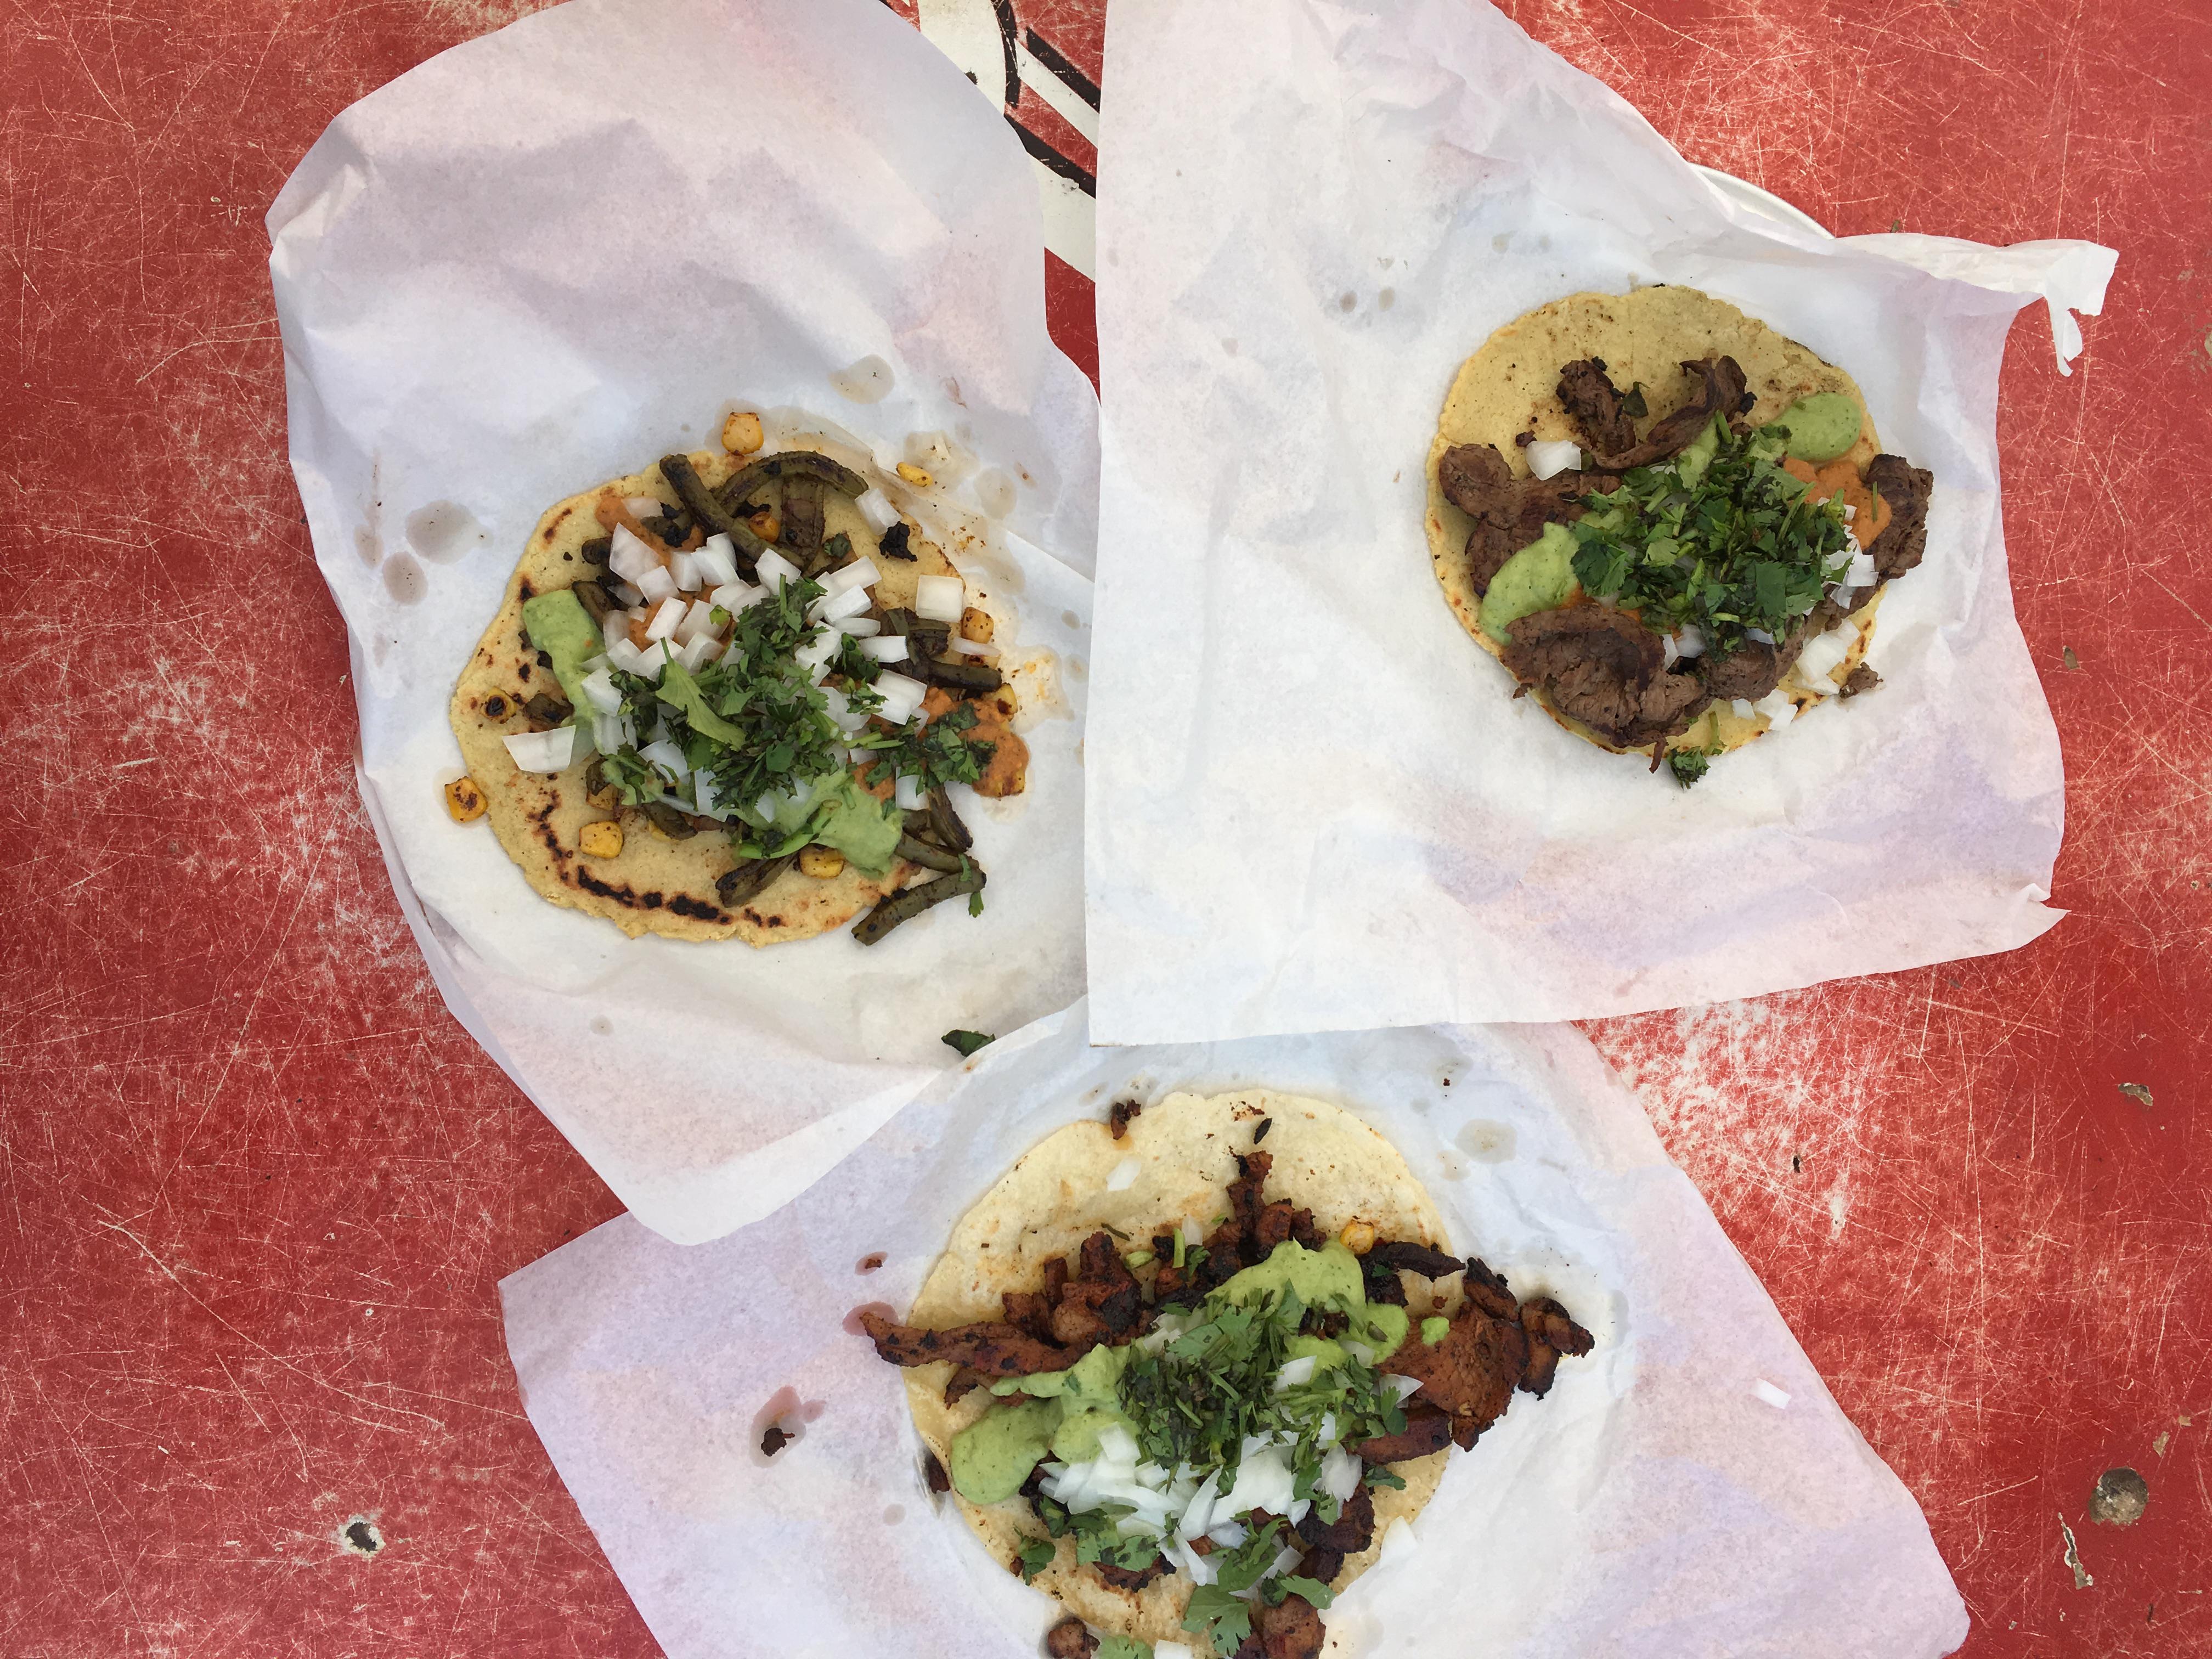 Tacos from Vaquero Taquero